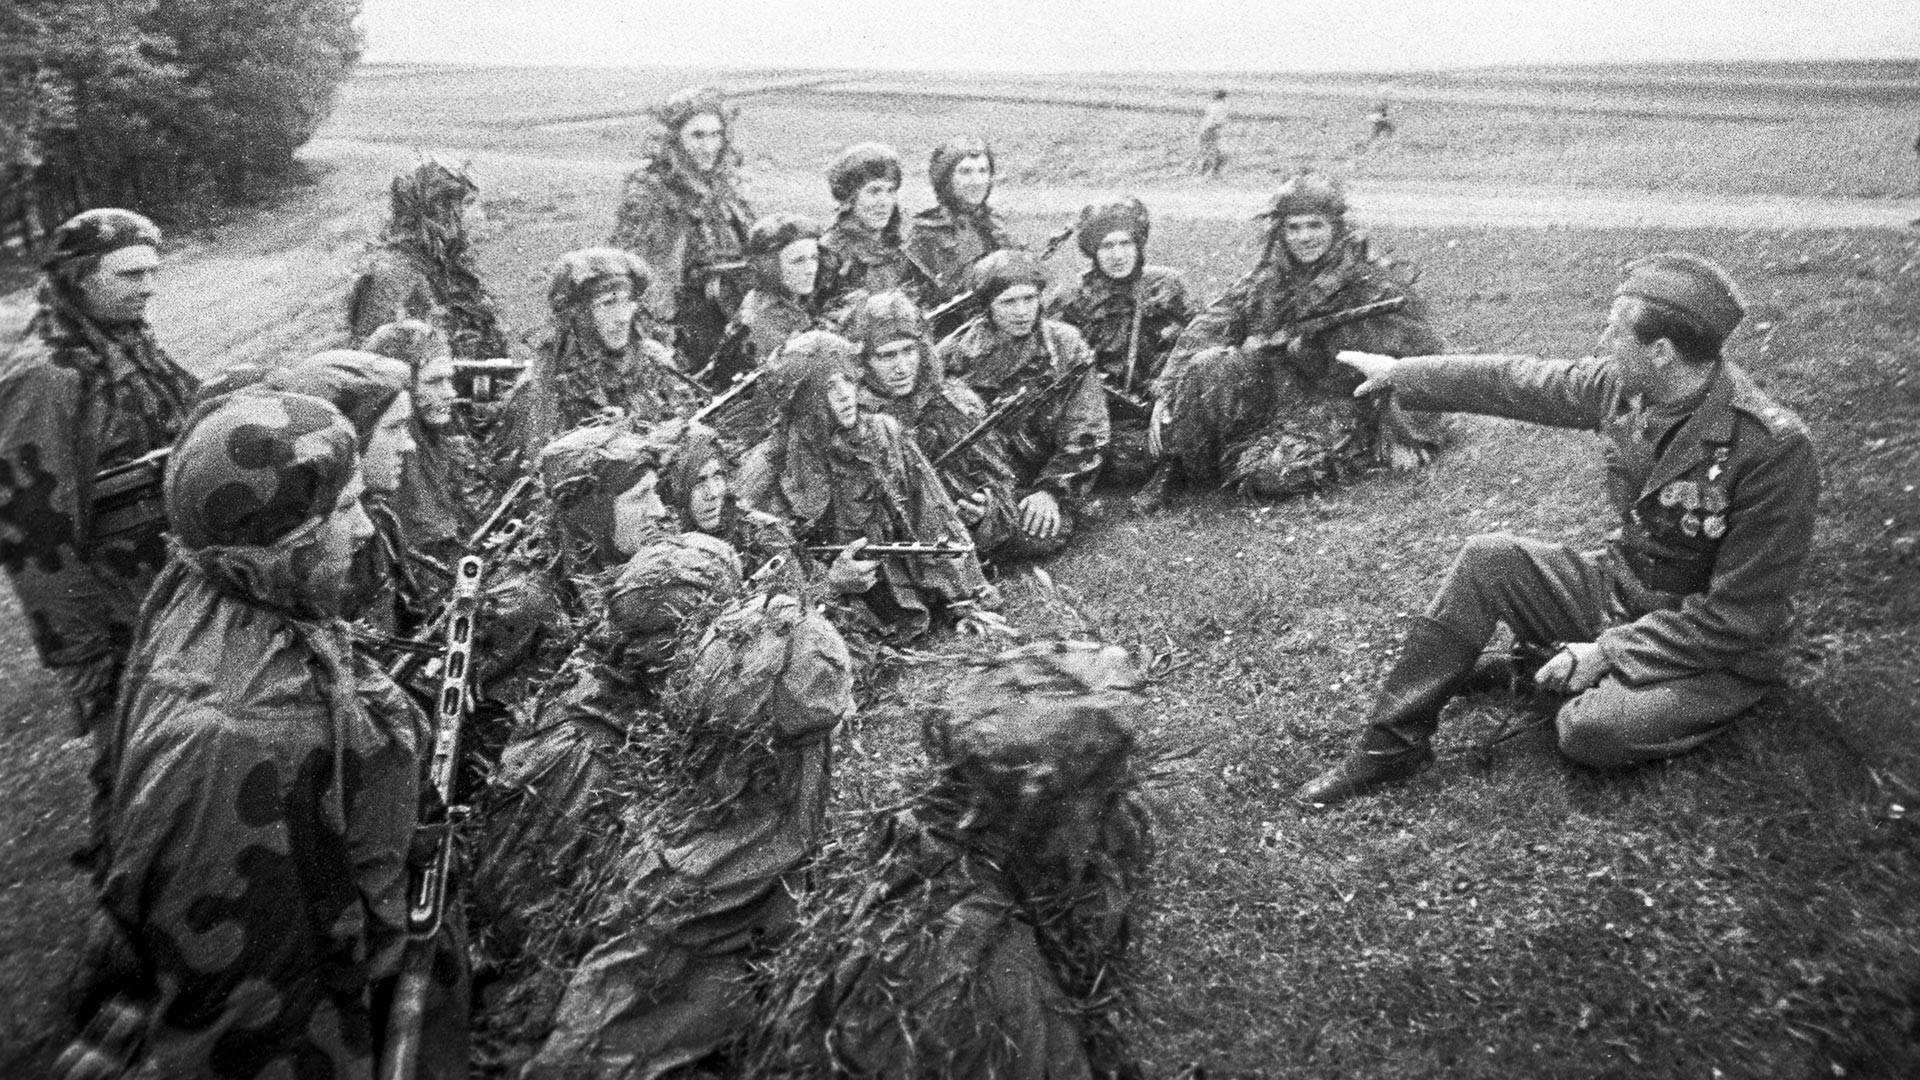 Велики отаџбински рат 1941-1945. Прашка офанзива (6-11. маја 1945). Антонин Сохор, командир чете Првог пешадијског батаљона Прве засебне чехословачке пешадијске бригаде у склопу 51. стрељачког корупса 38. армије Првог Украјинског фронта.